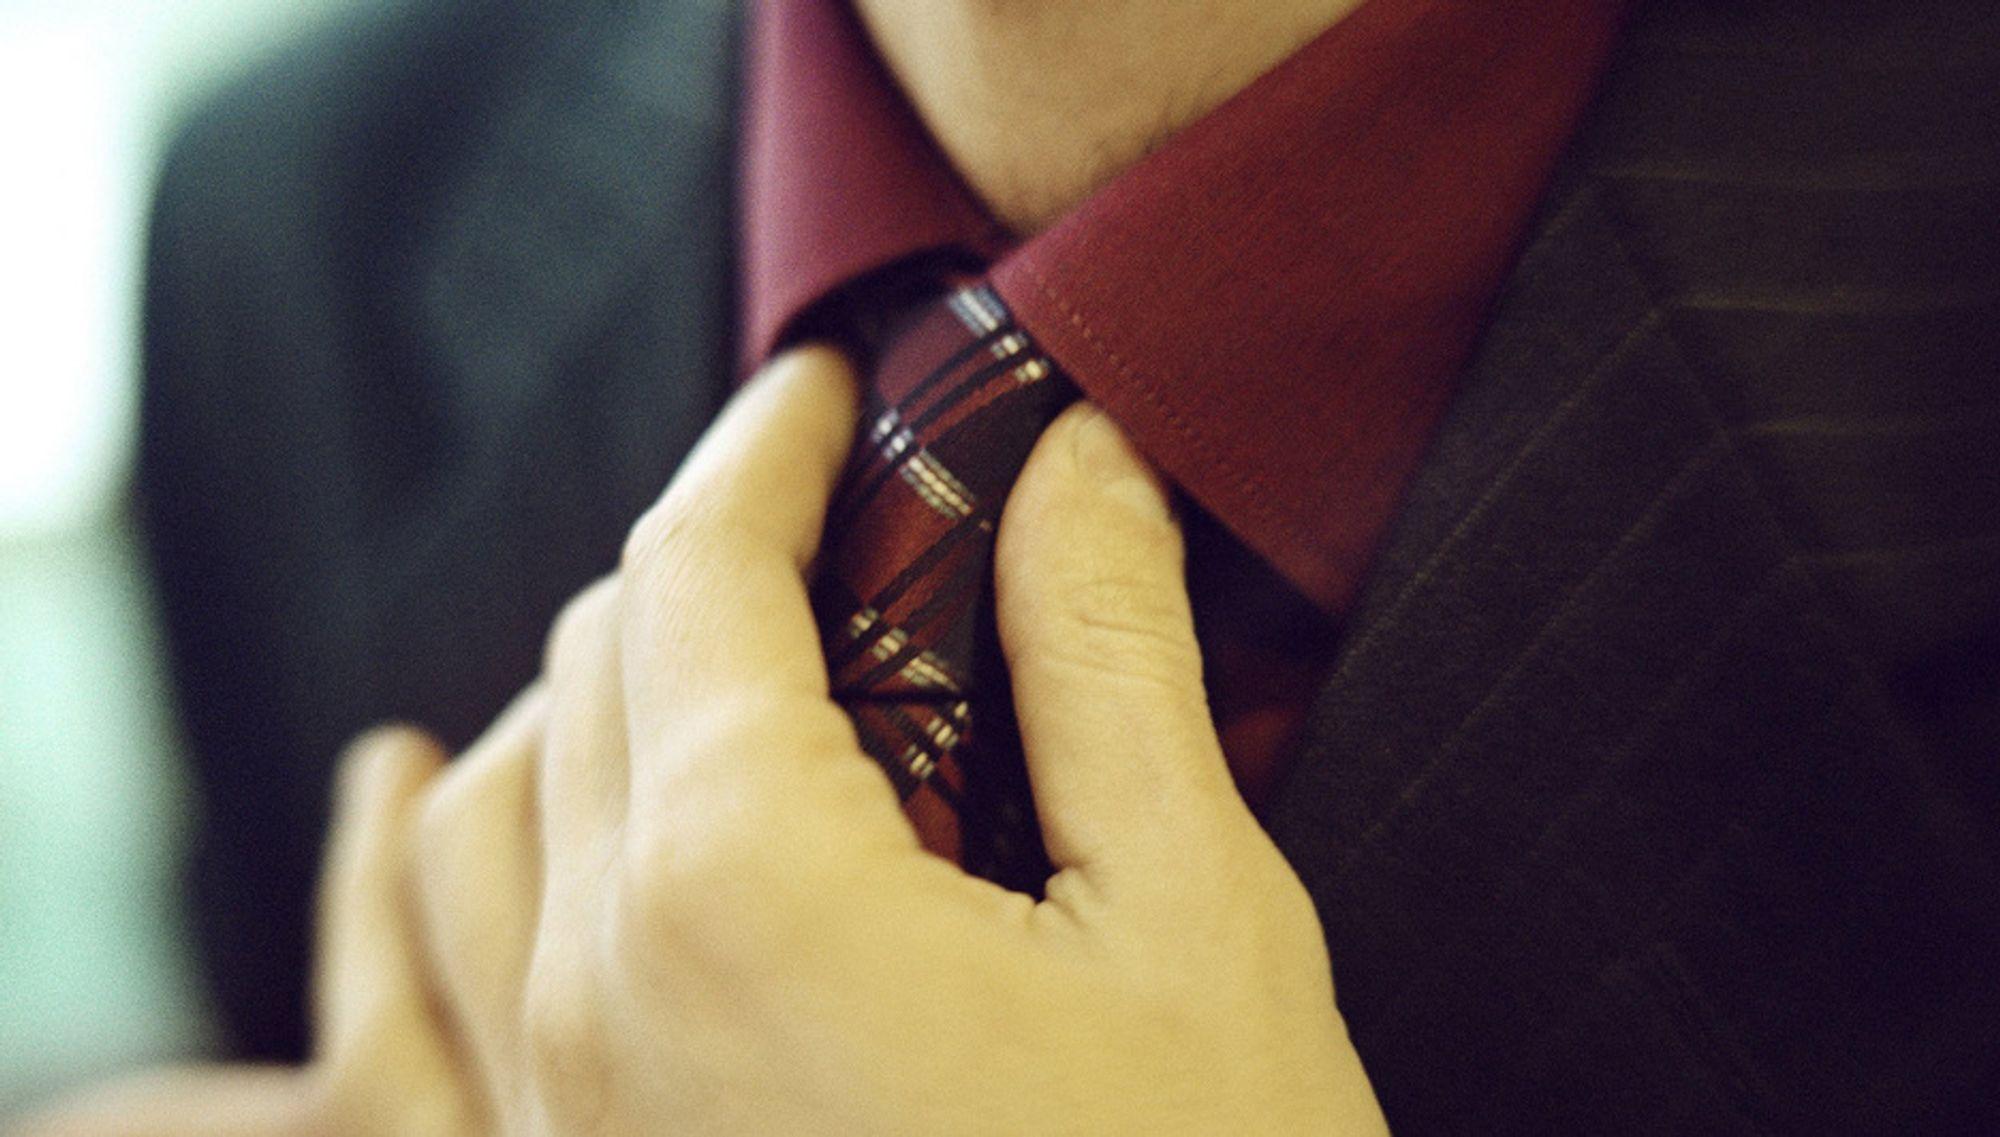 Slips. Jobb. Arbeidsliv. Arbeid. Arbeidstaker. Dress. Jobbantrekk.